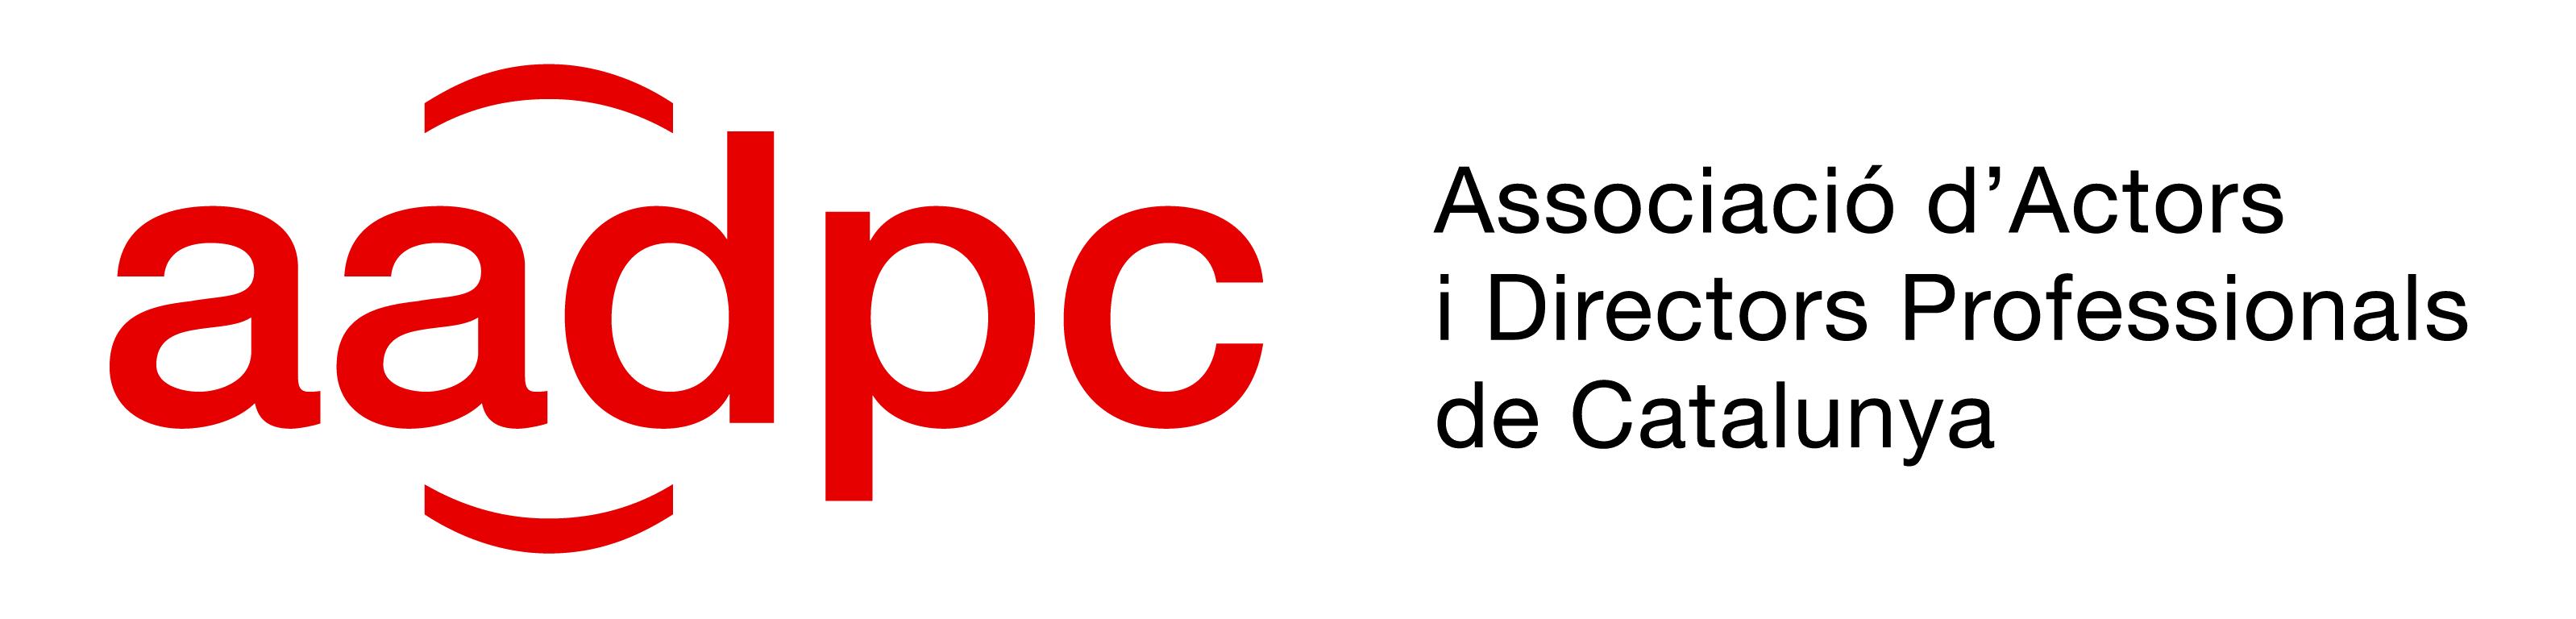 logo AADPC